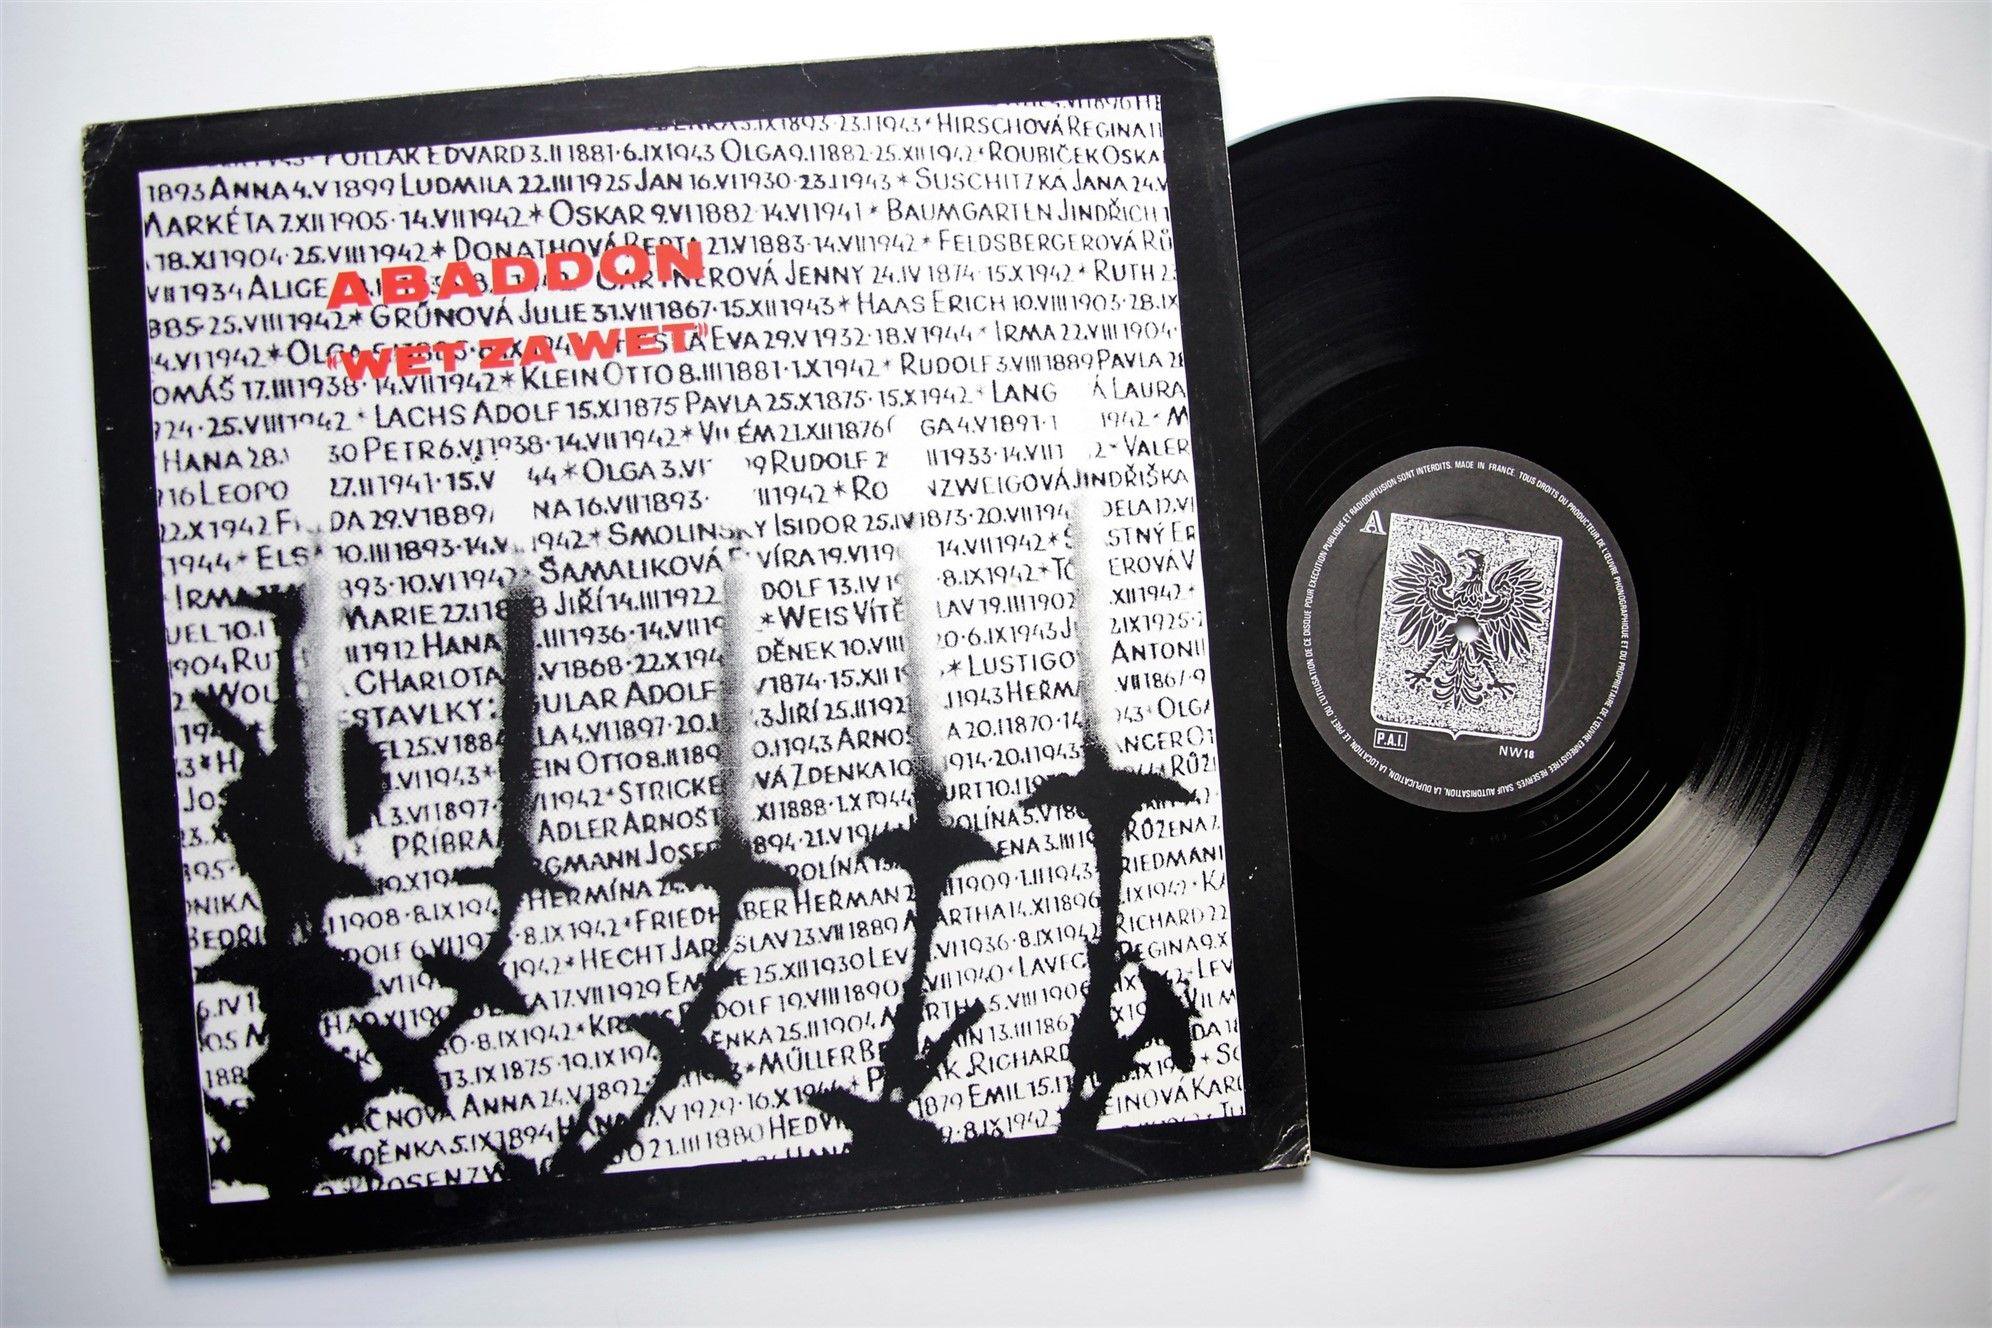 Abaddon Wet Za Wet Lp Francja 1986 Oryginal 6614512535 Oficjalne Archiwum Allegro Wet Oskar Music Record